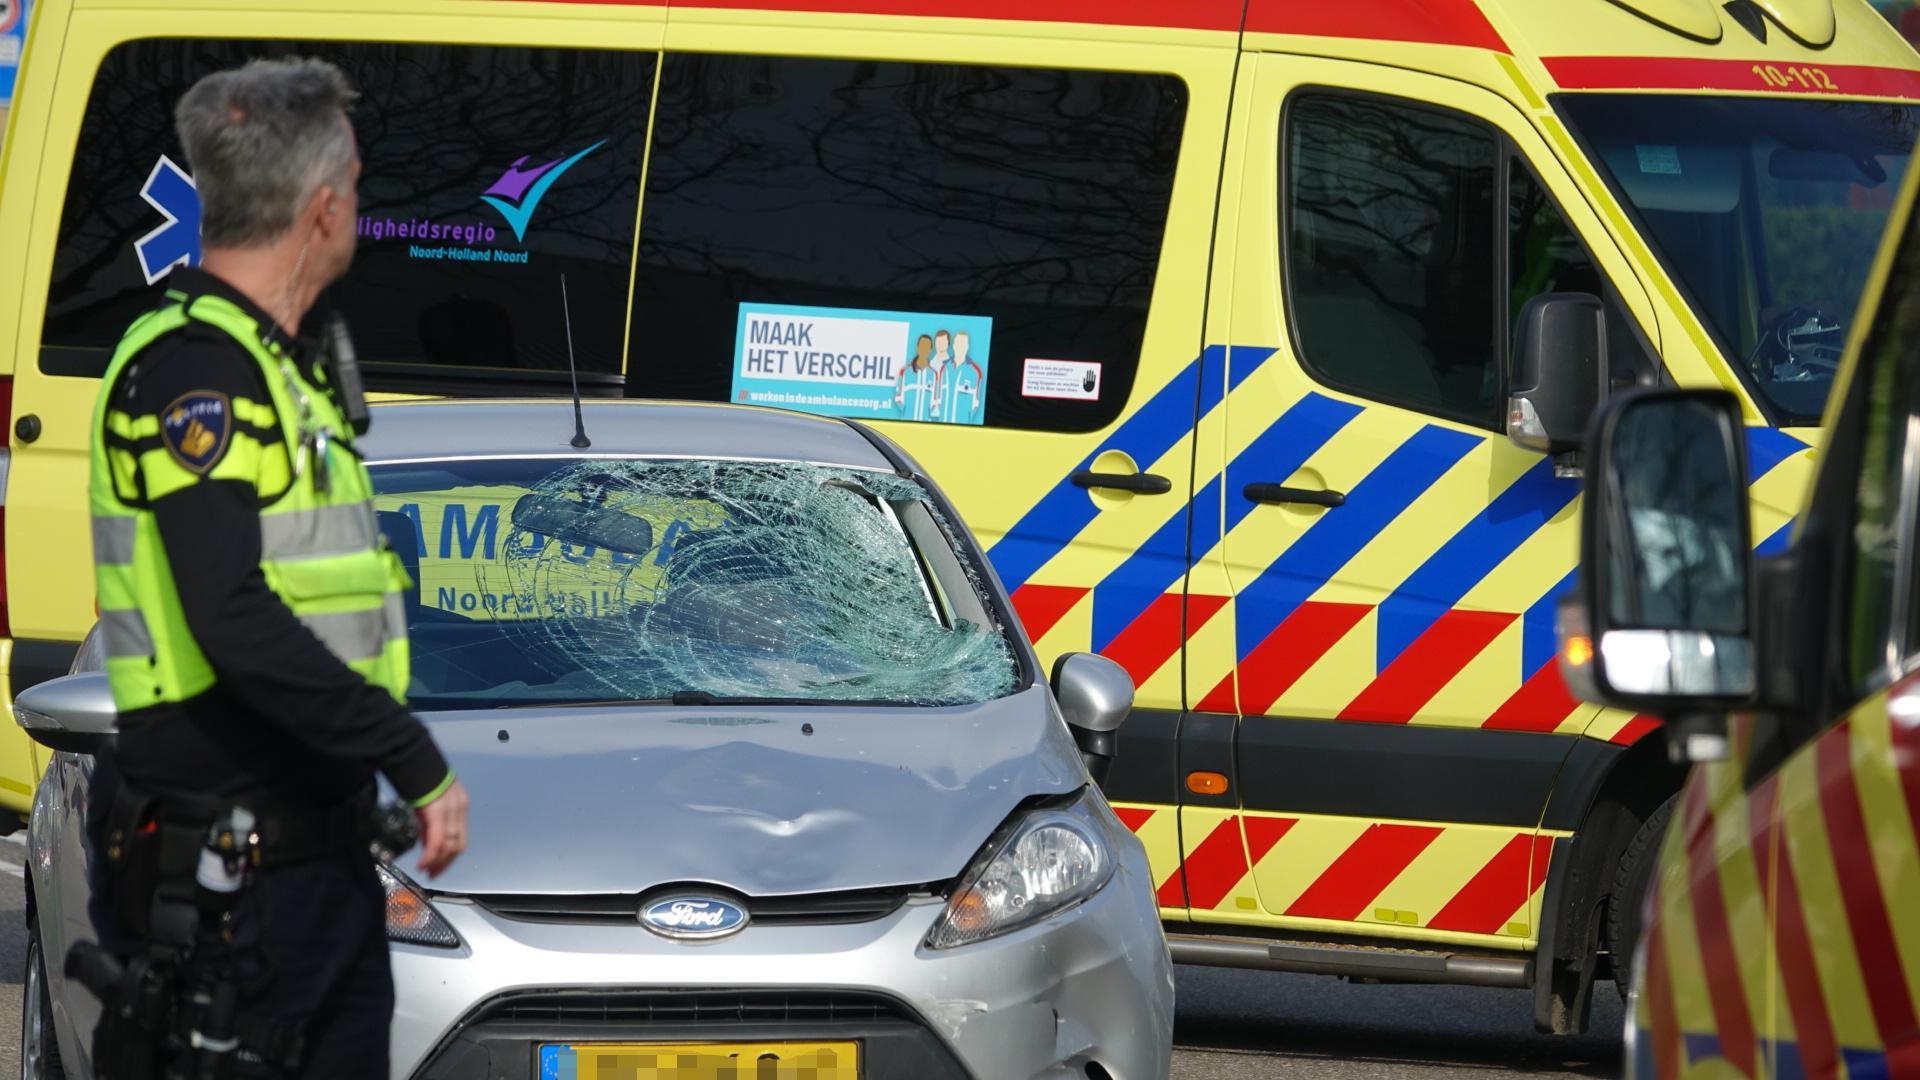 Fietser zwaargewond bij botsing met auto in Medemblik, traumahelikopter ingezet